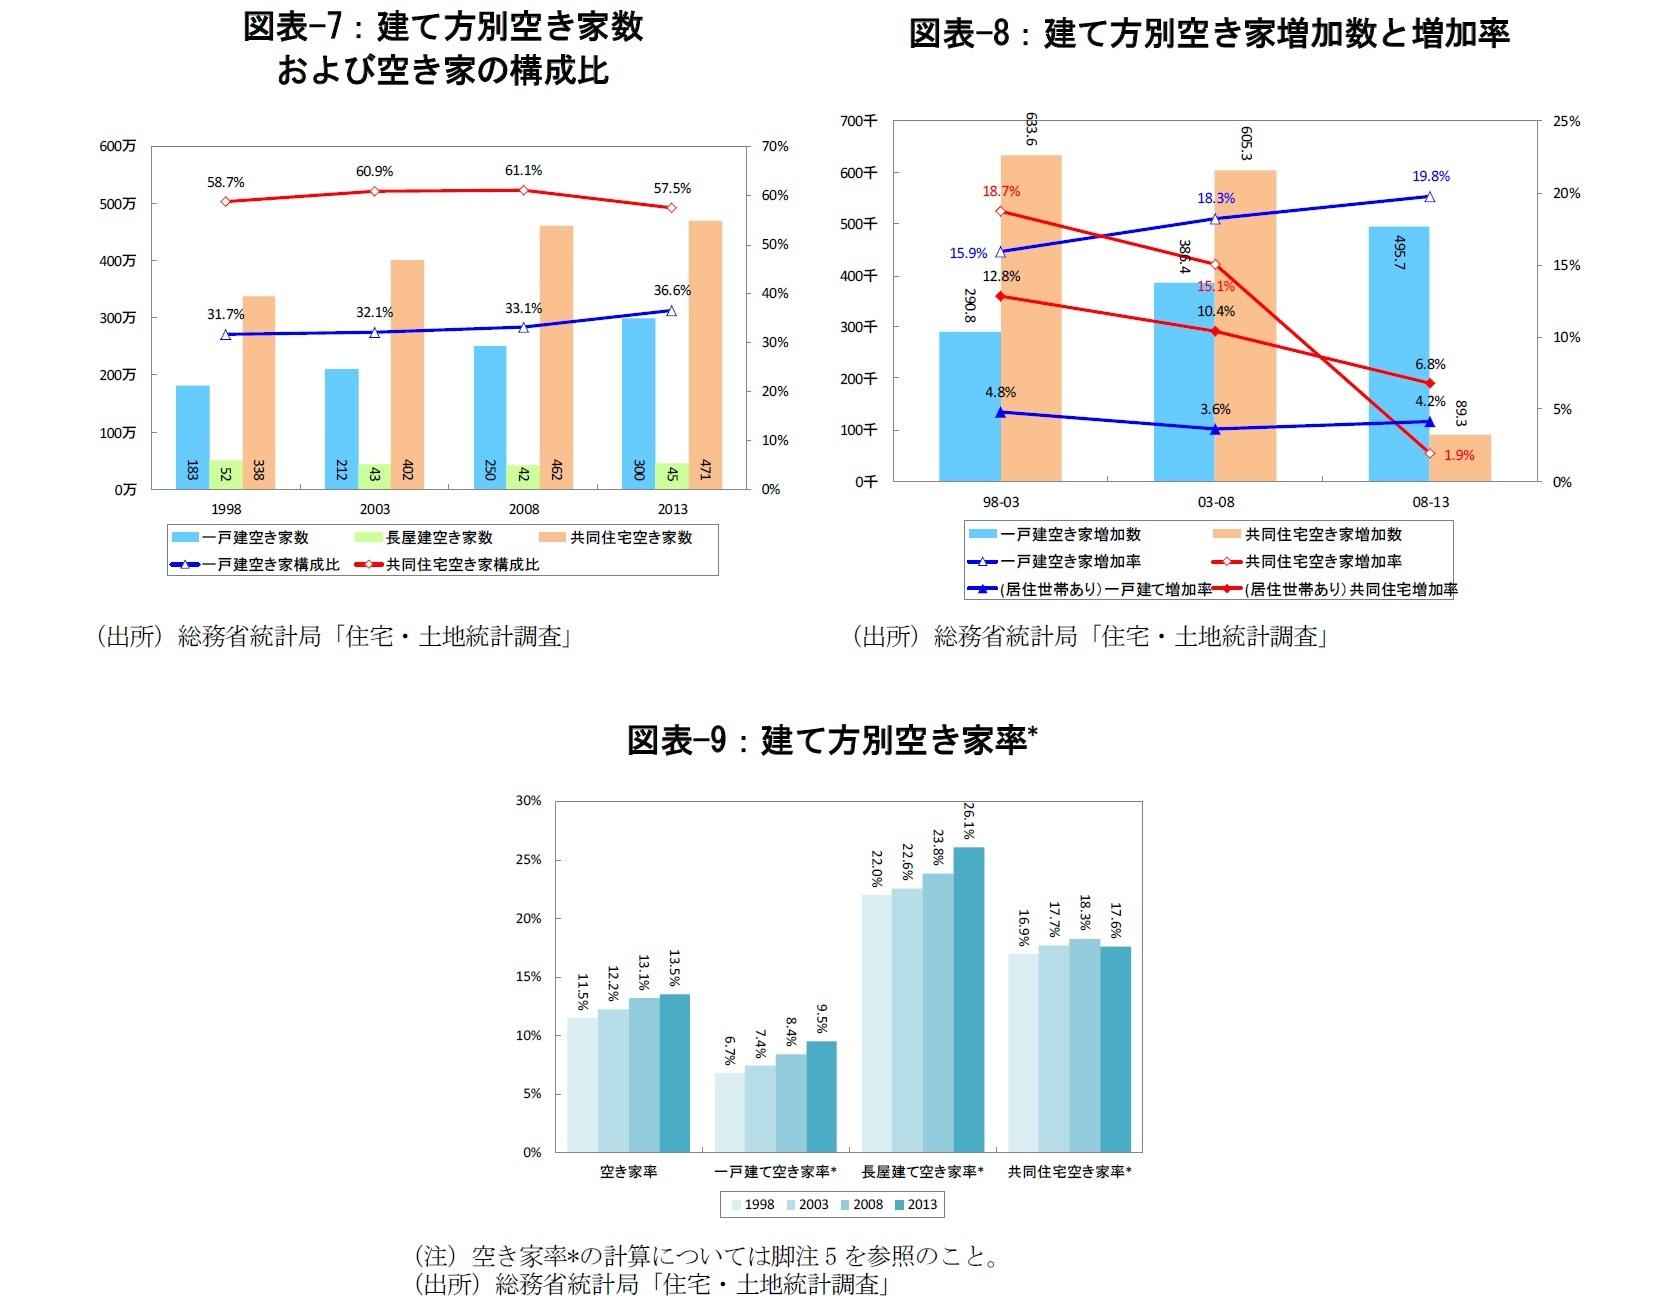 図表-7:建て方別空き家数および空き家の構成比/図表-8:建て方別空き家増加数と増加率/図表-9:建て方別空き家率